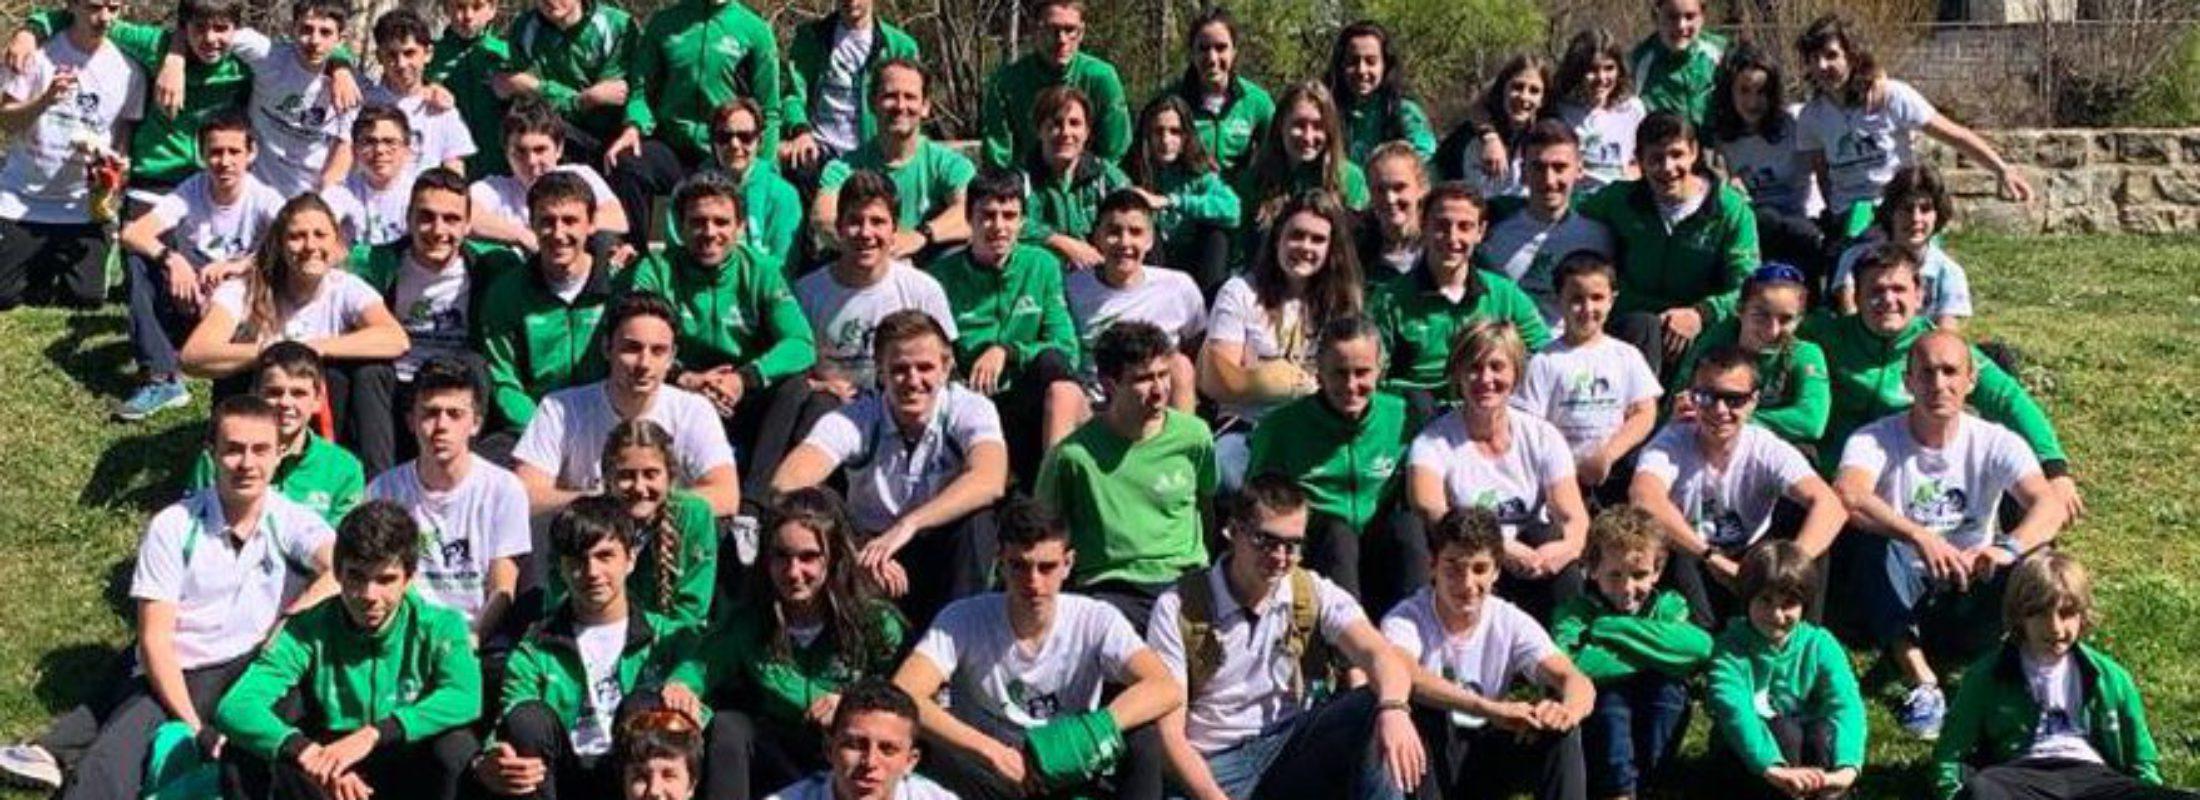 Actuación sobresaliente del Piragüismo Pamplona  este fin de semana con seis tripletes y un total de 37 medallas en el Campeonato Navarro de Invierno y el la 3ª jornada de JJDD.